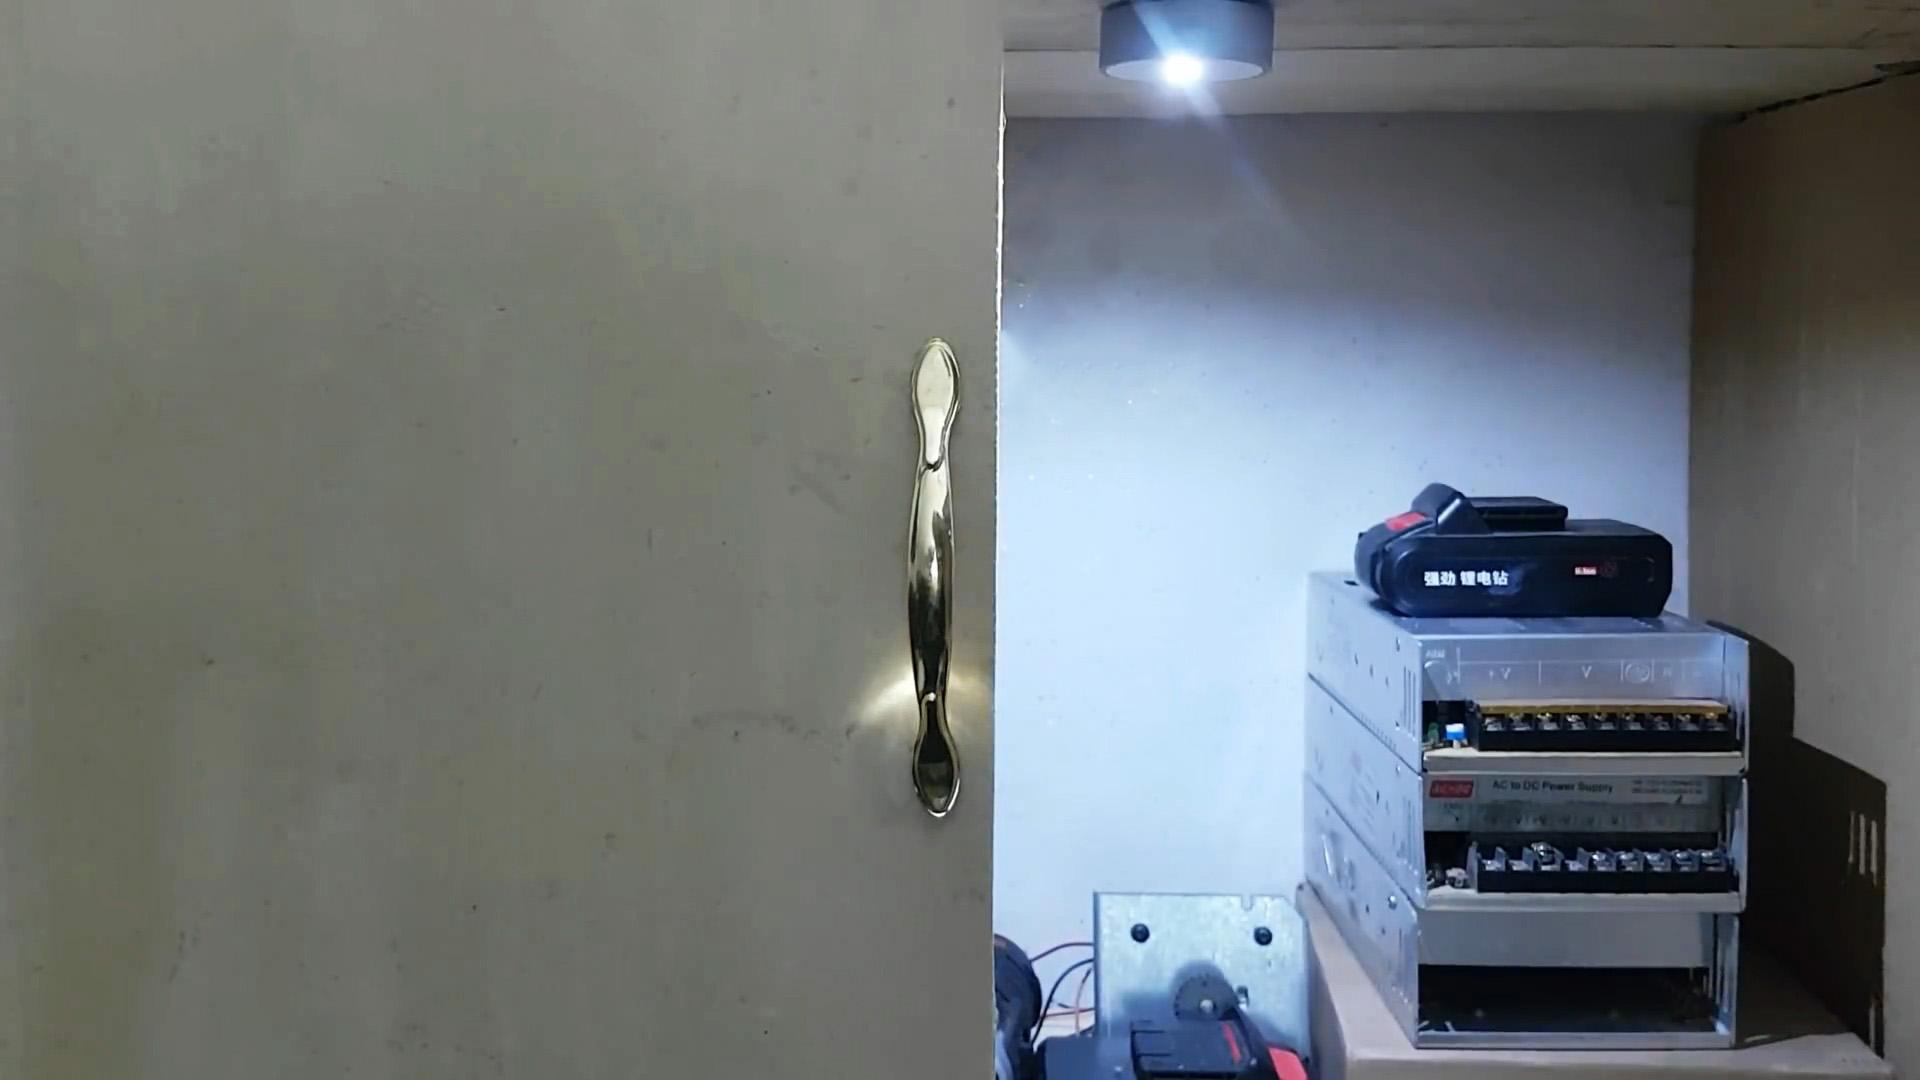 Автоматическая аккумуляторная подсветка шкафа своими руками